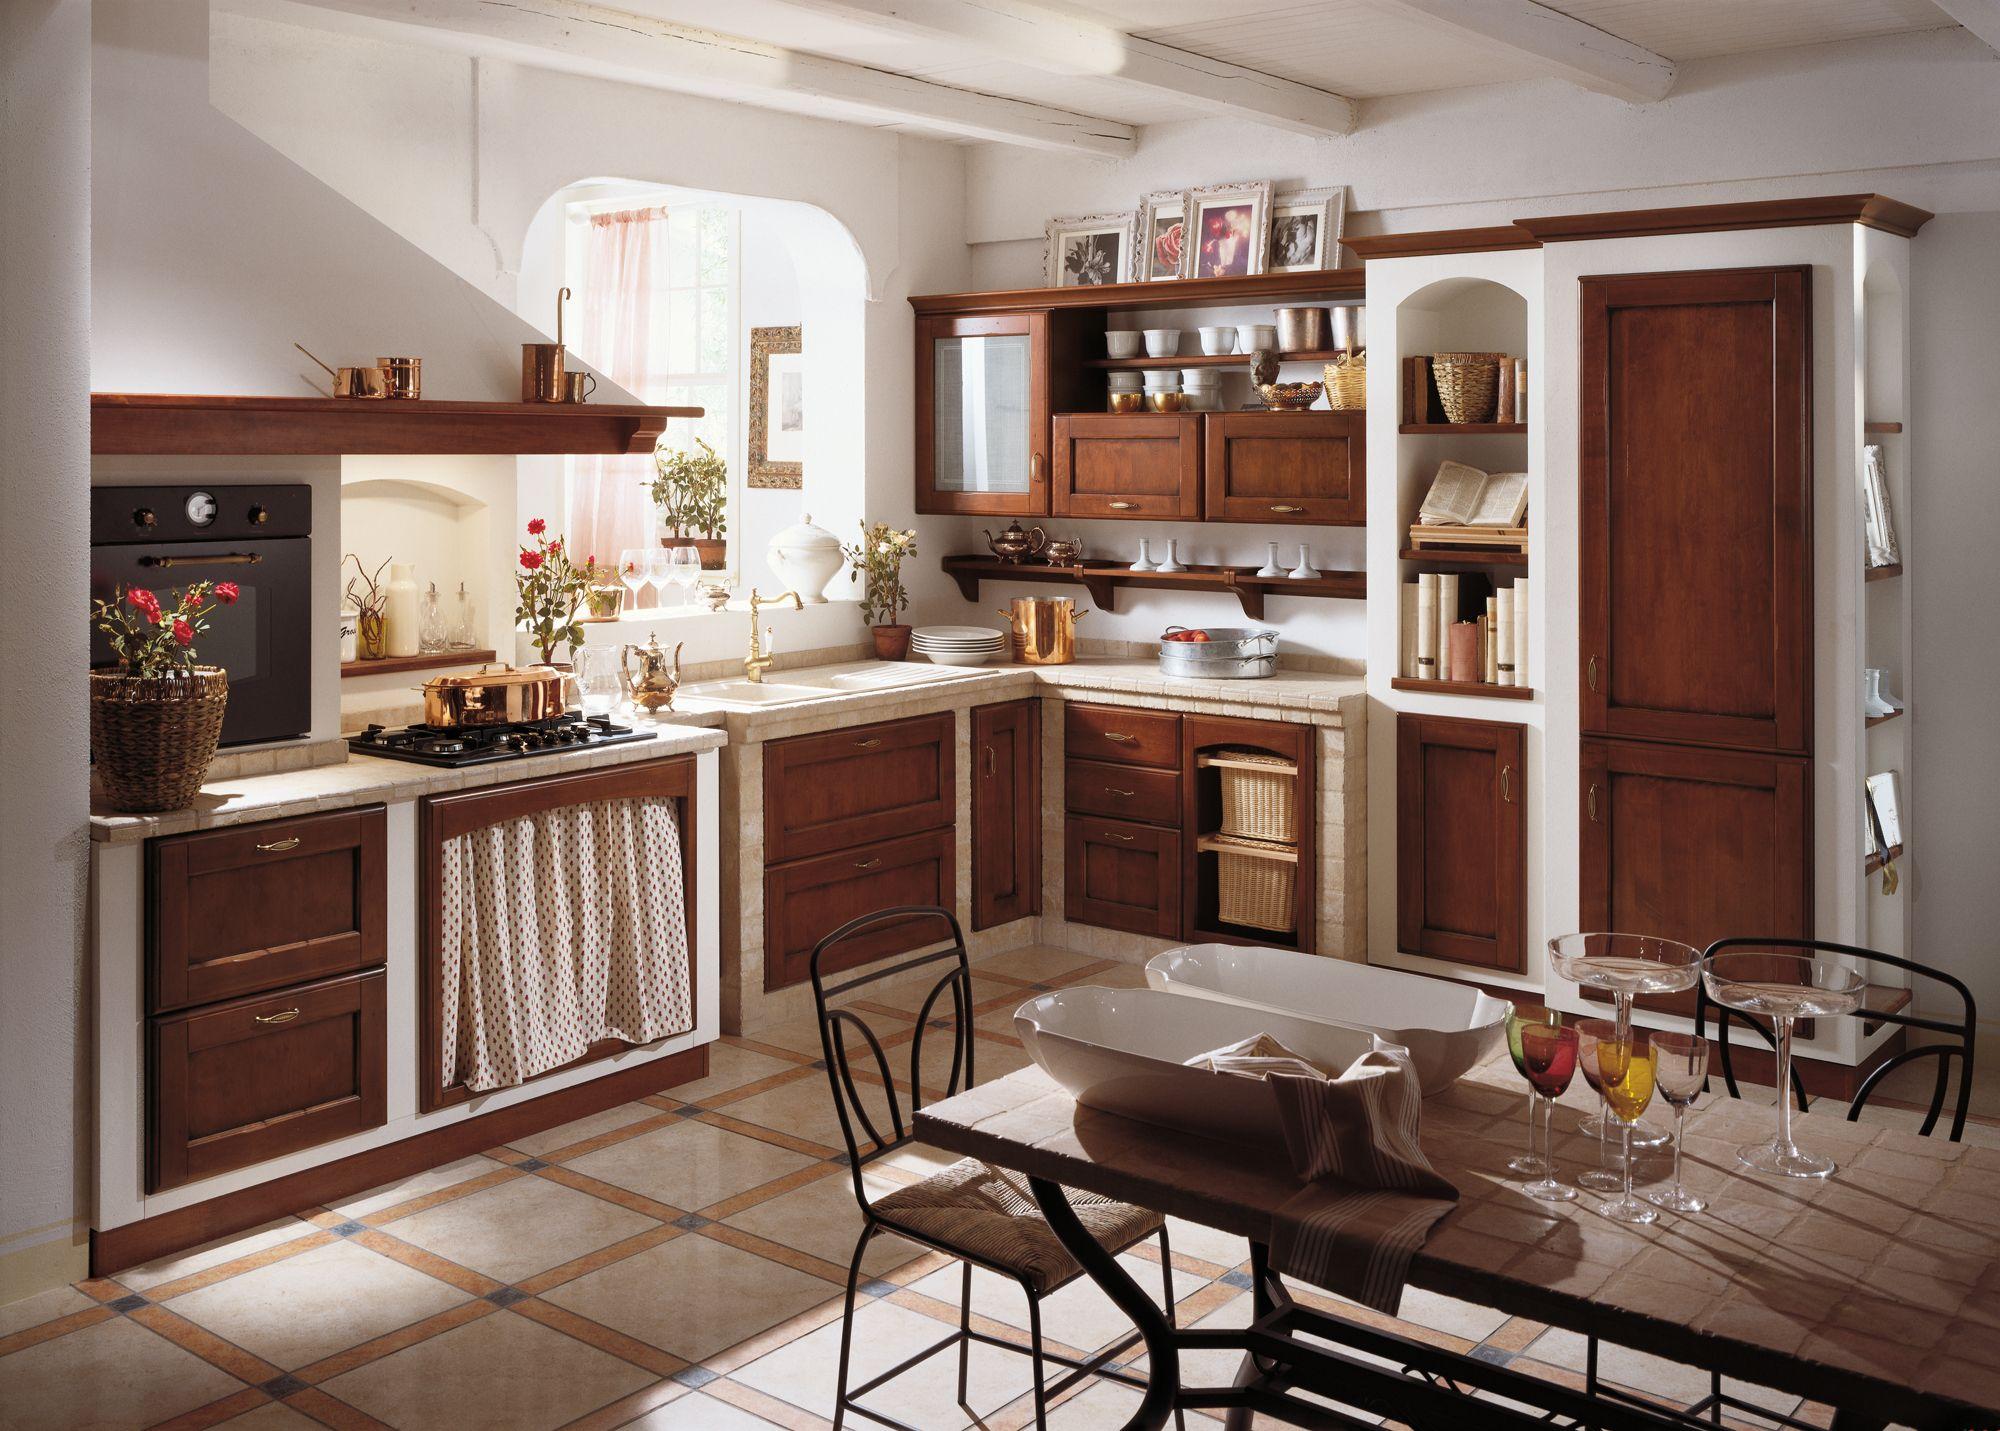 Cucine classiche componibili Borgo Antico Beatrice   Casa ...